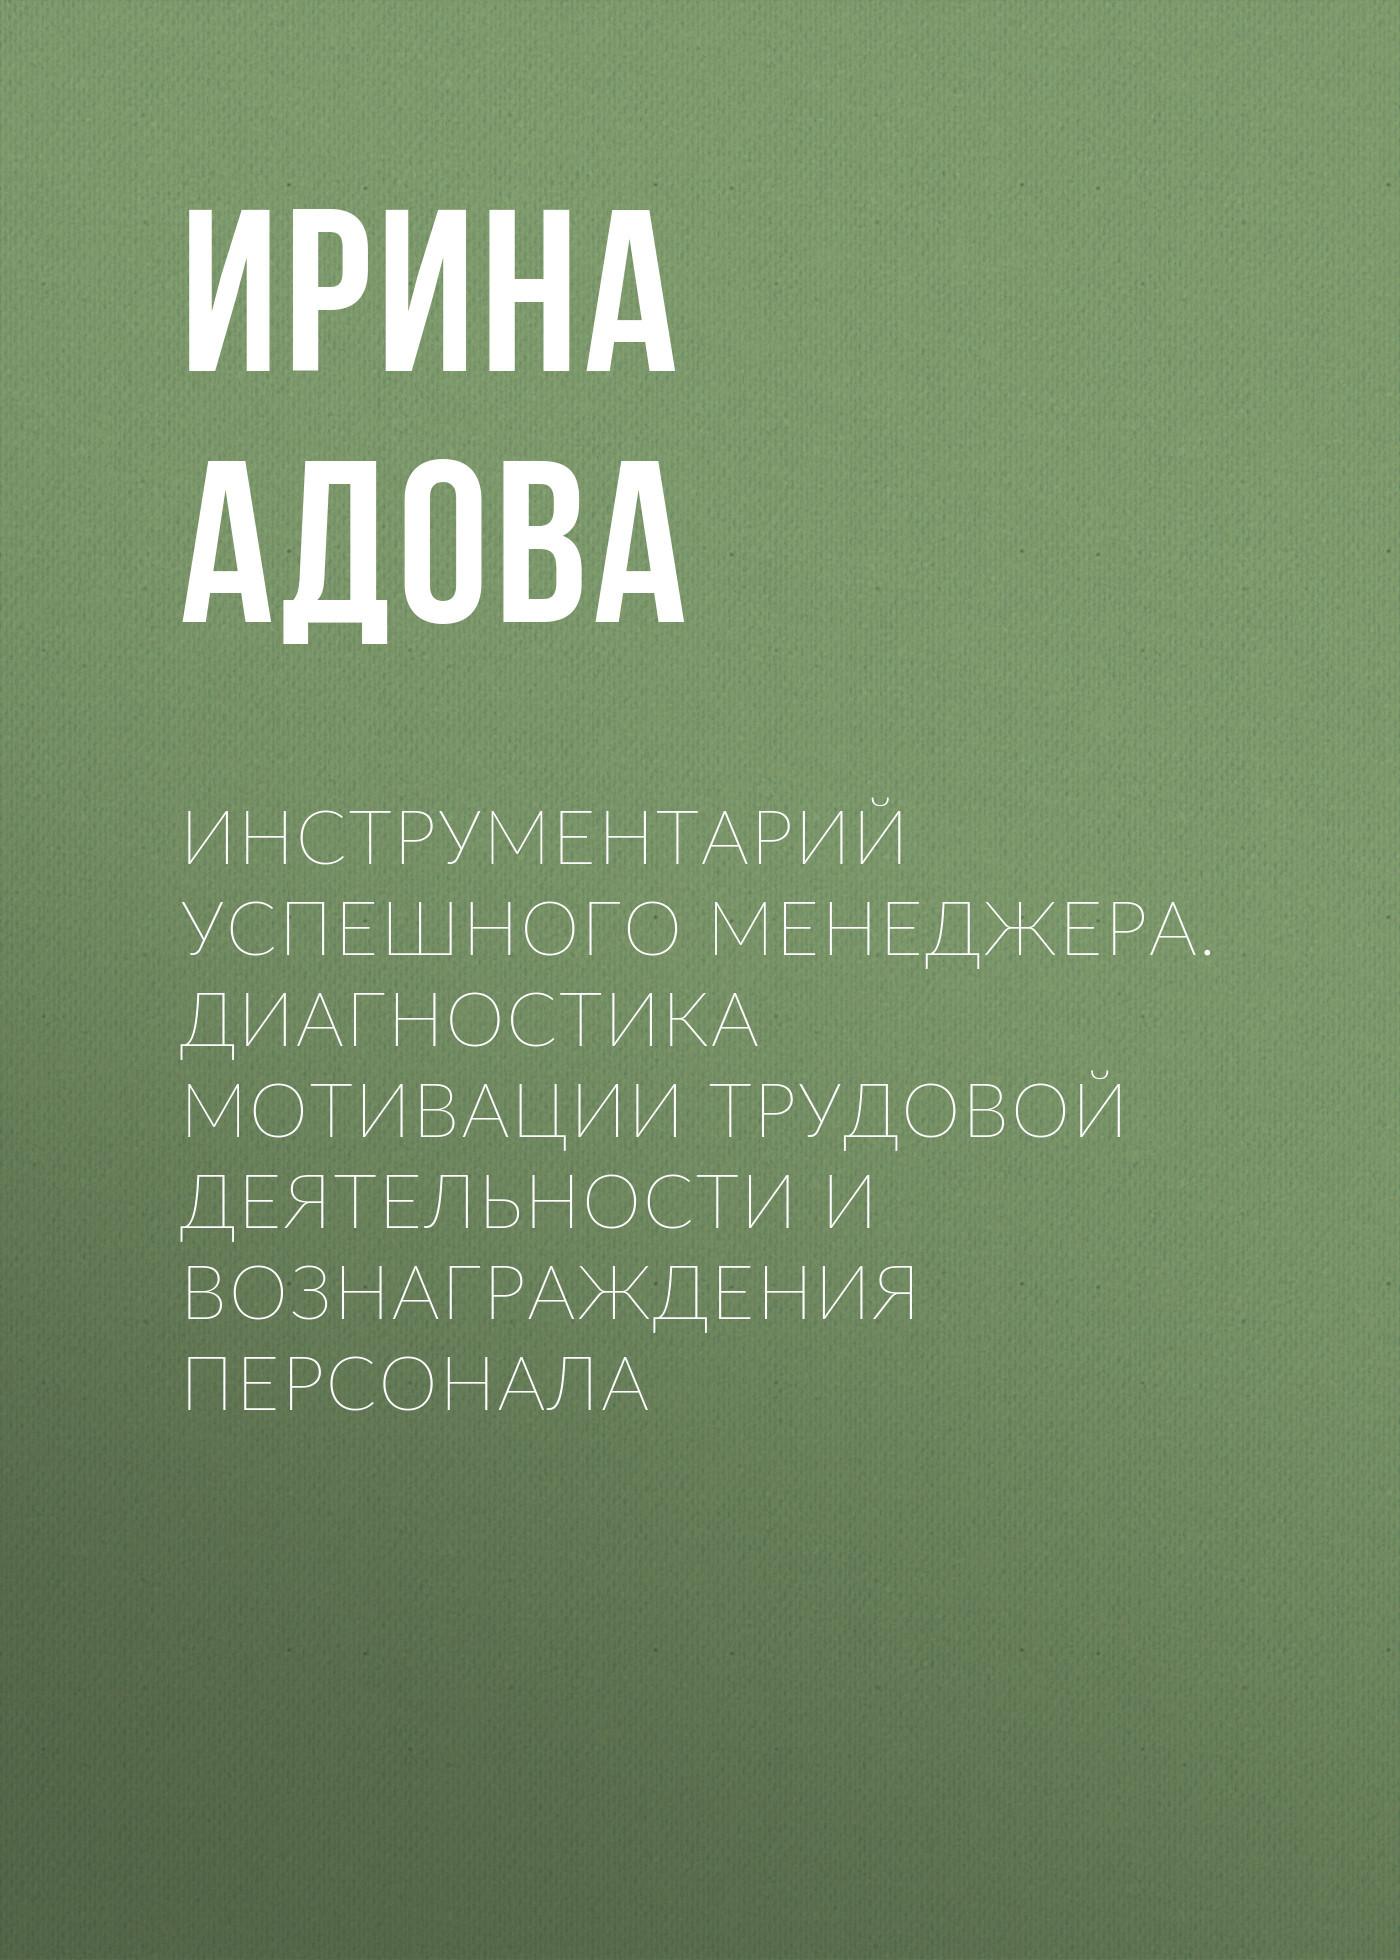 Ирина Адова Инструментарий успешного менеджера. Диагностика мотивации трудовой деятельности и вознаграждения персонала трудовой договор cdpc